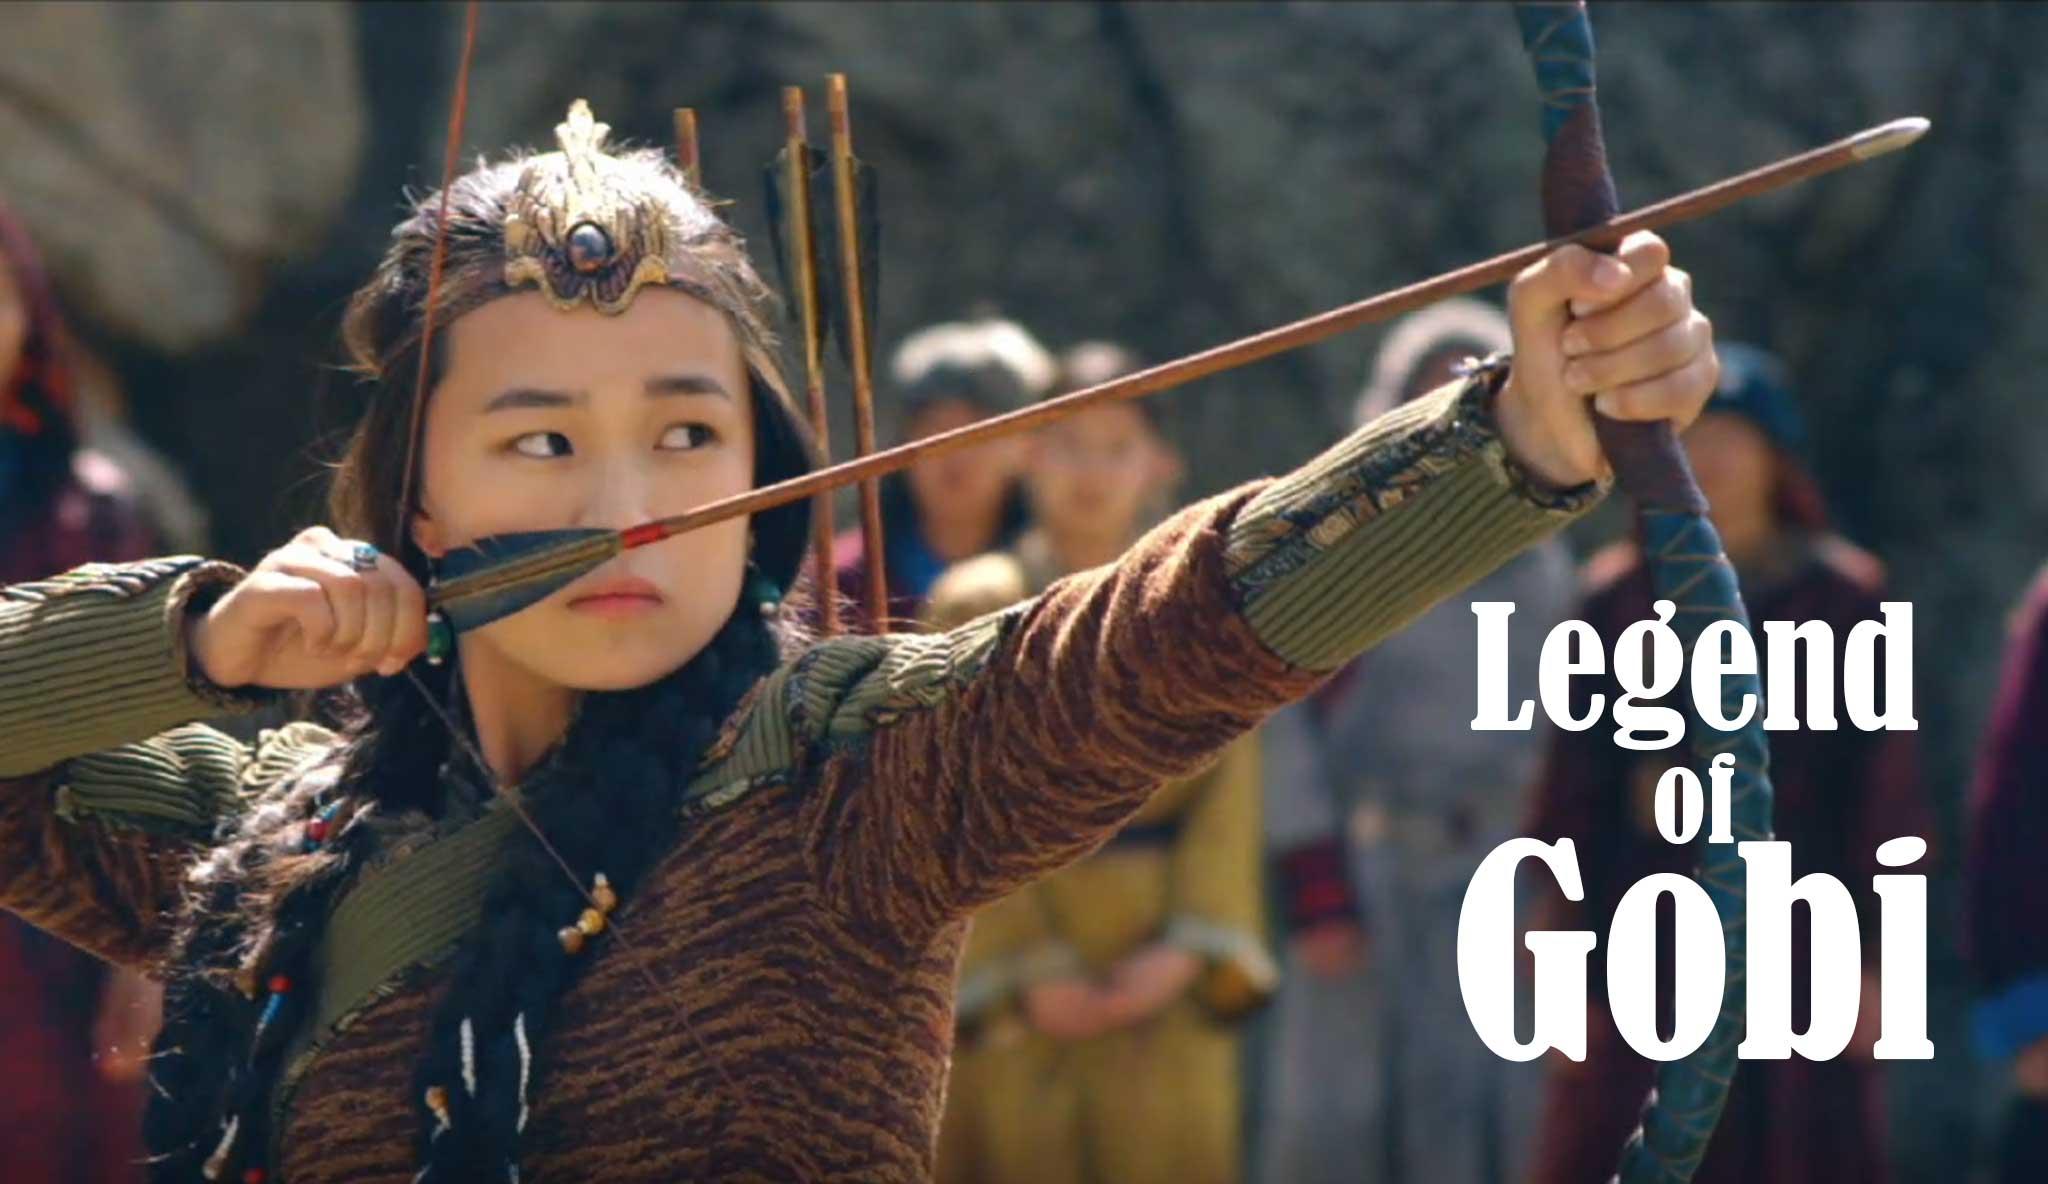 the-legend-of-gobi\header.jpg